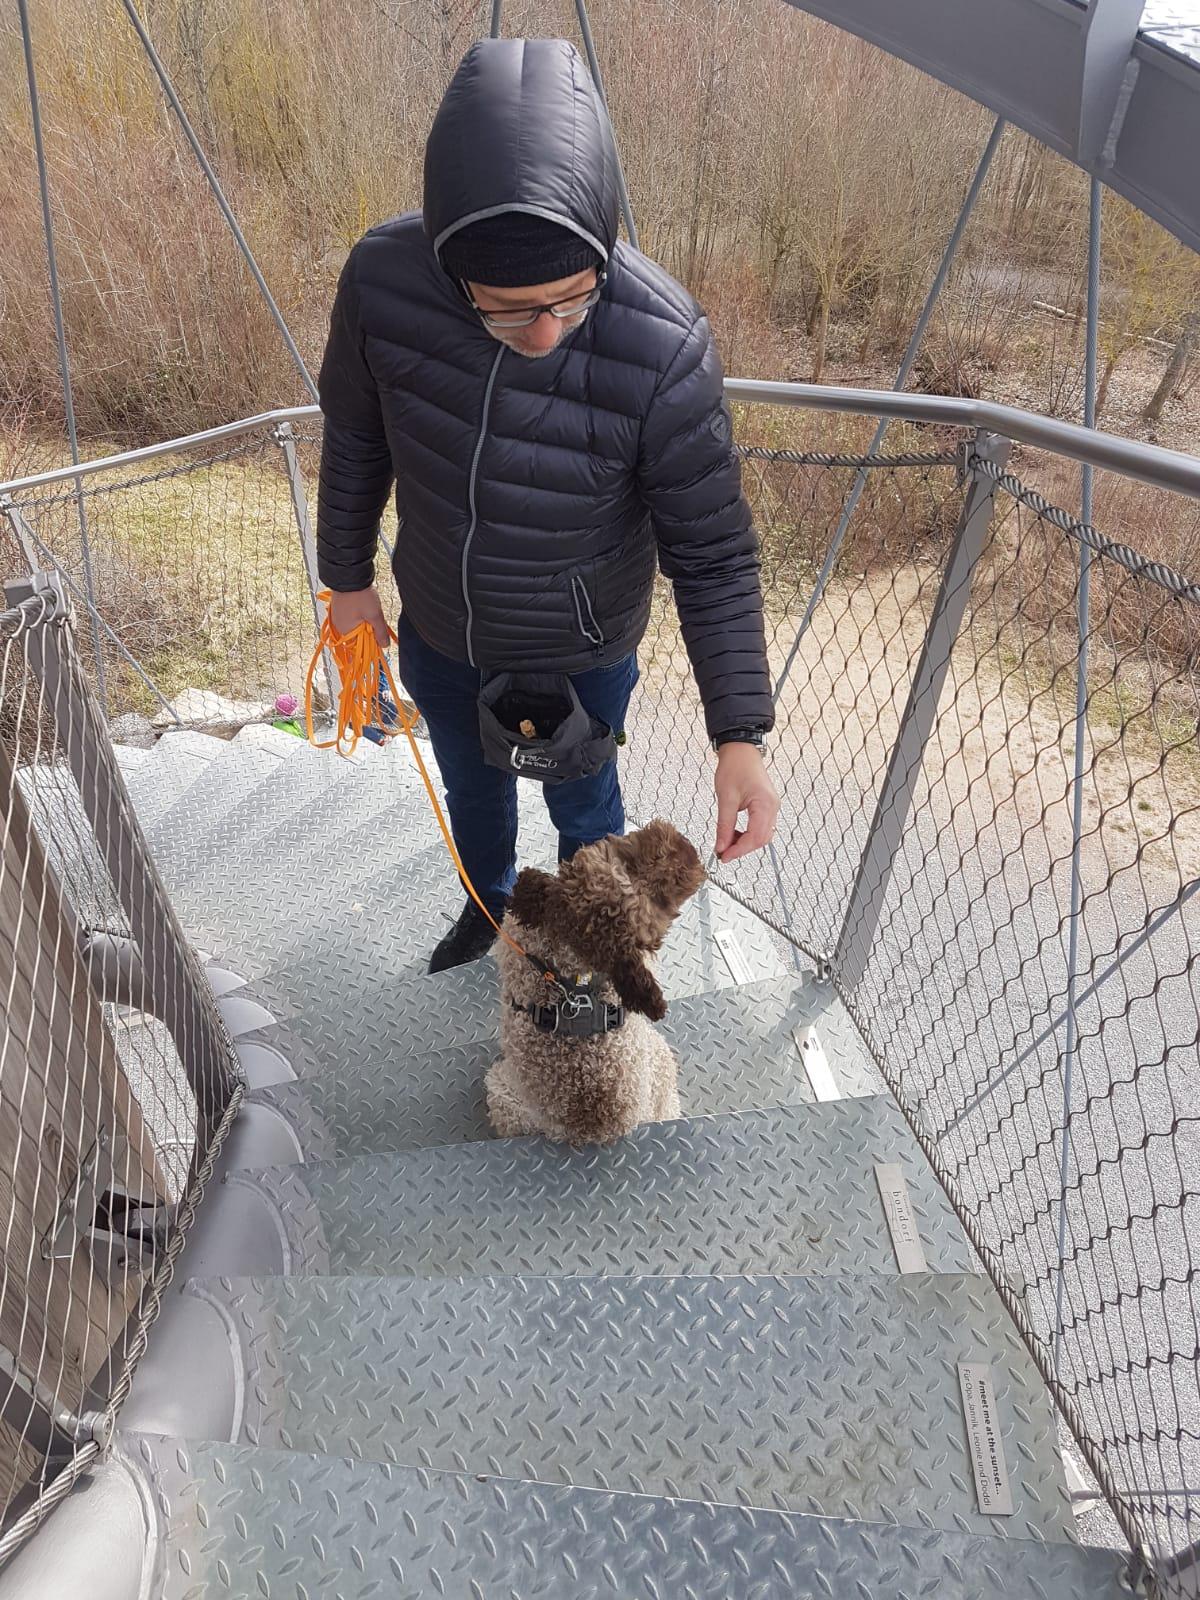 Bo meistert die 348 Stufen rauf und wieder runter